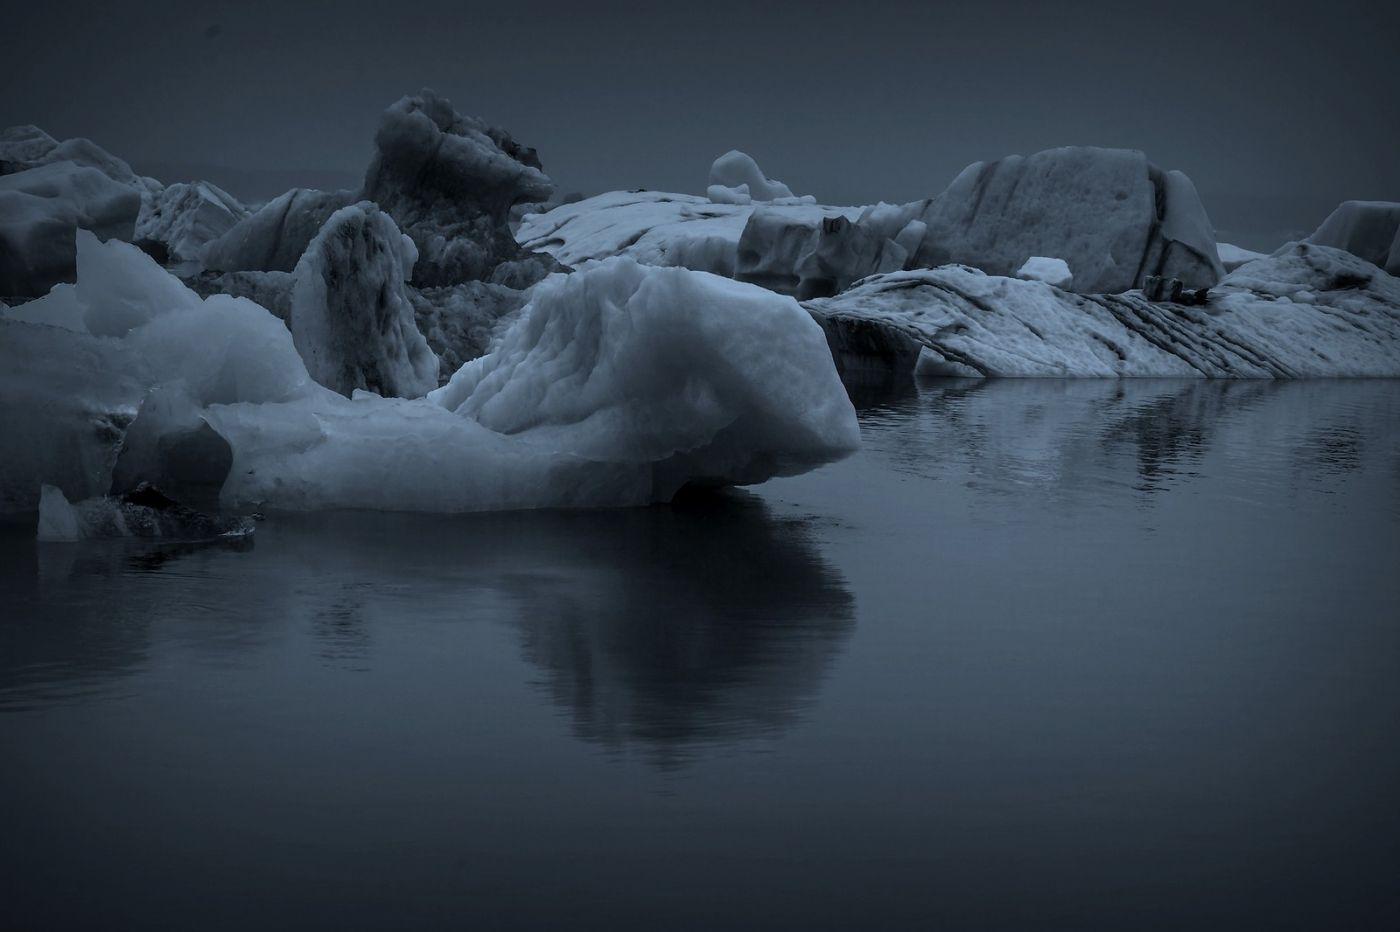 冰岛冰川泻湖(Glacier Lagoon), 湖面上冰川_图1-3